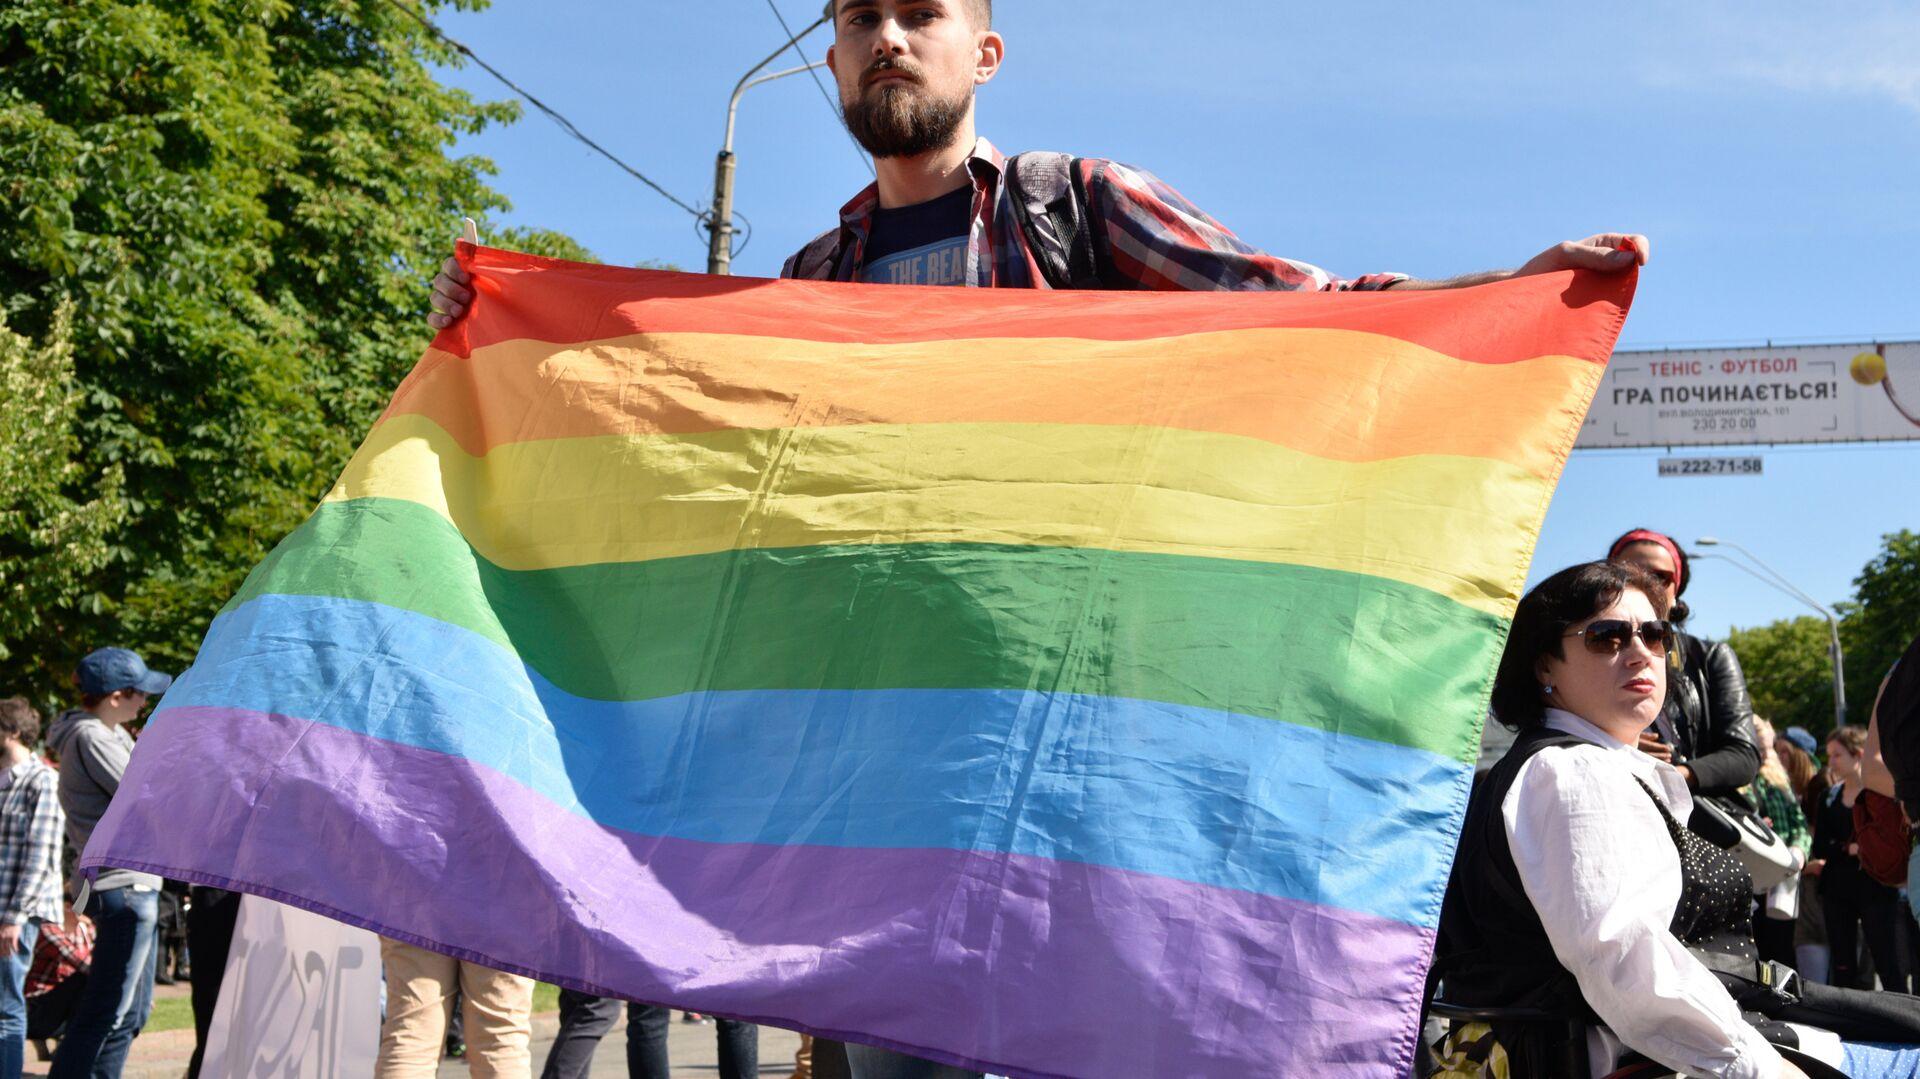 ЛГБТ-парад КиевПрайд-2016 - РИА Новости, 1920, 20.09.2020